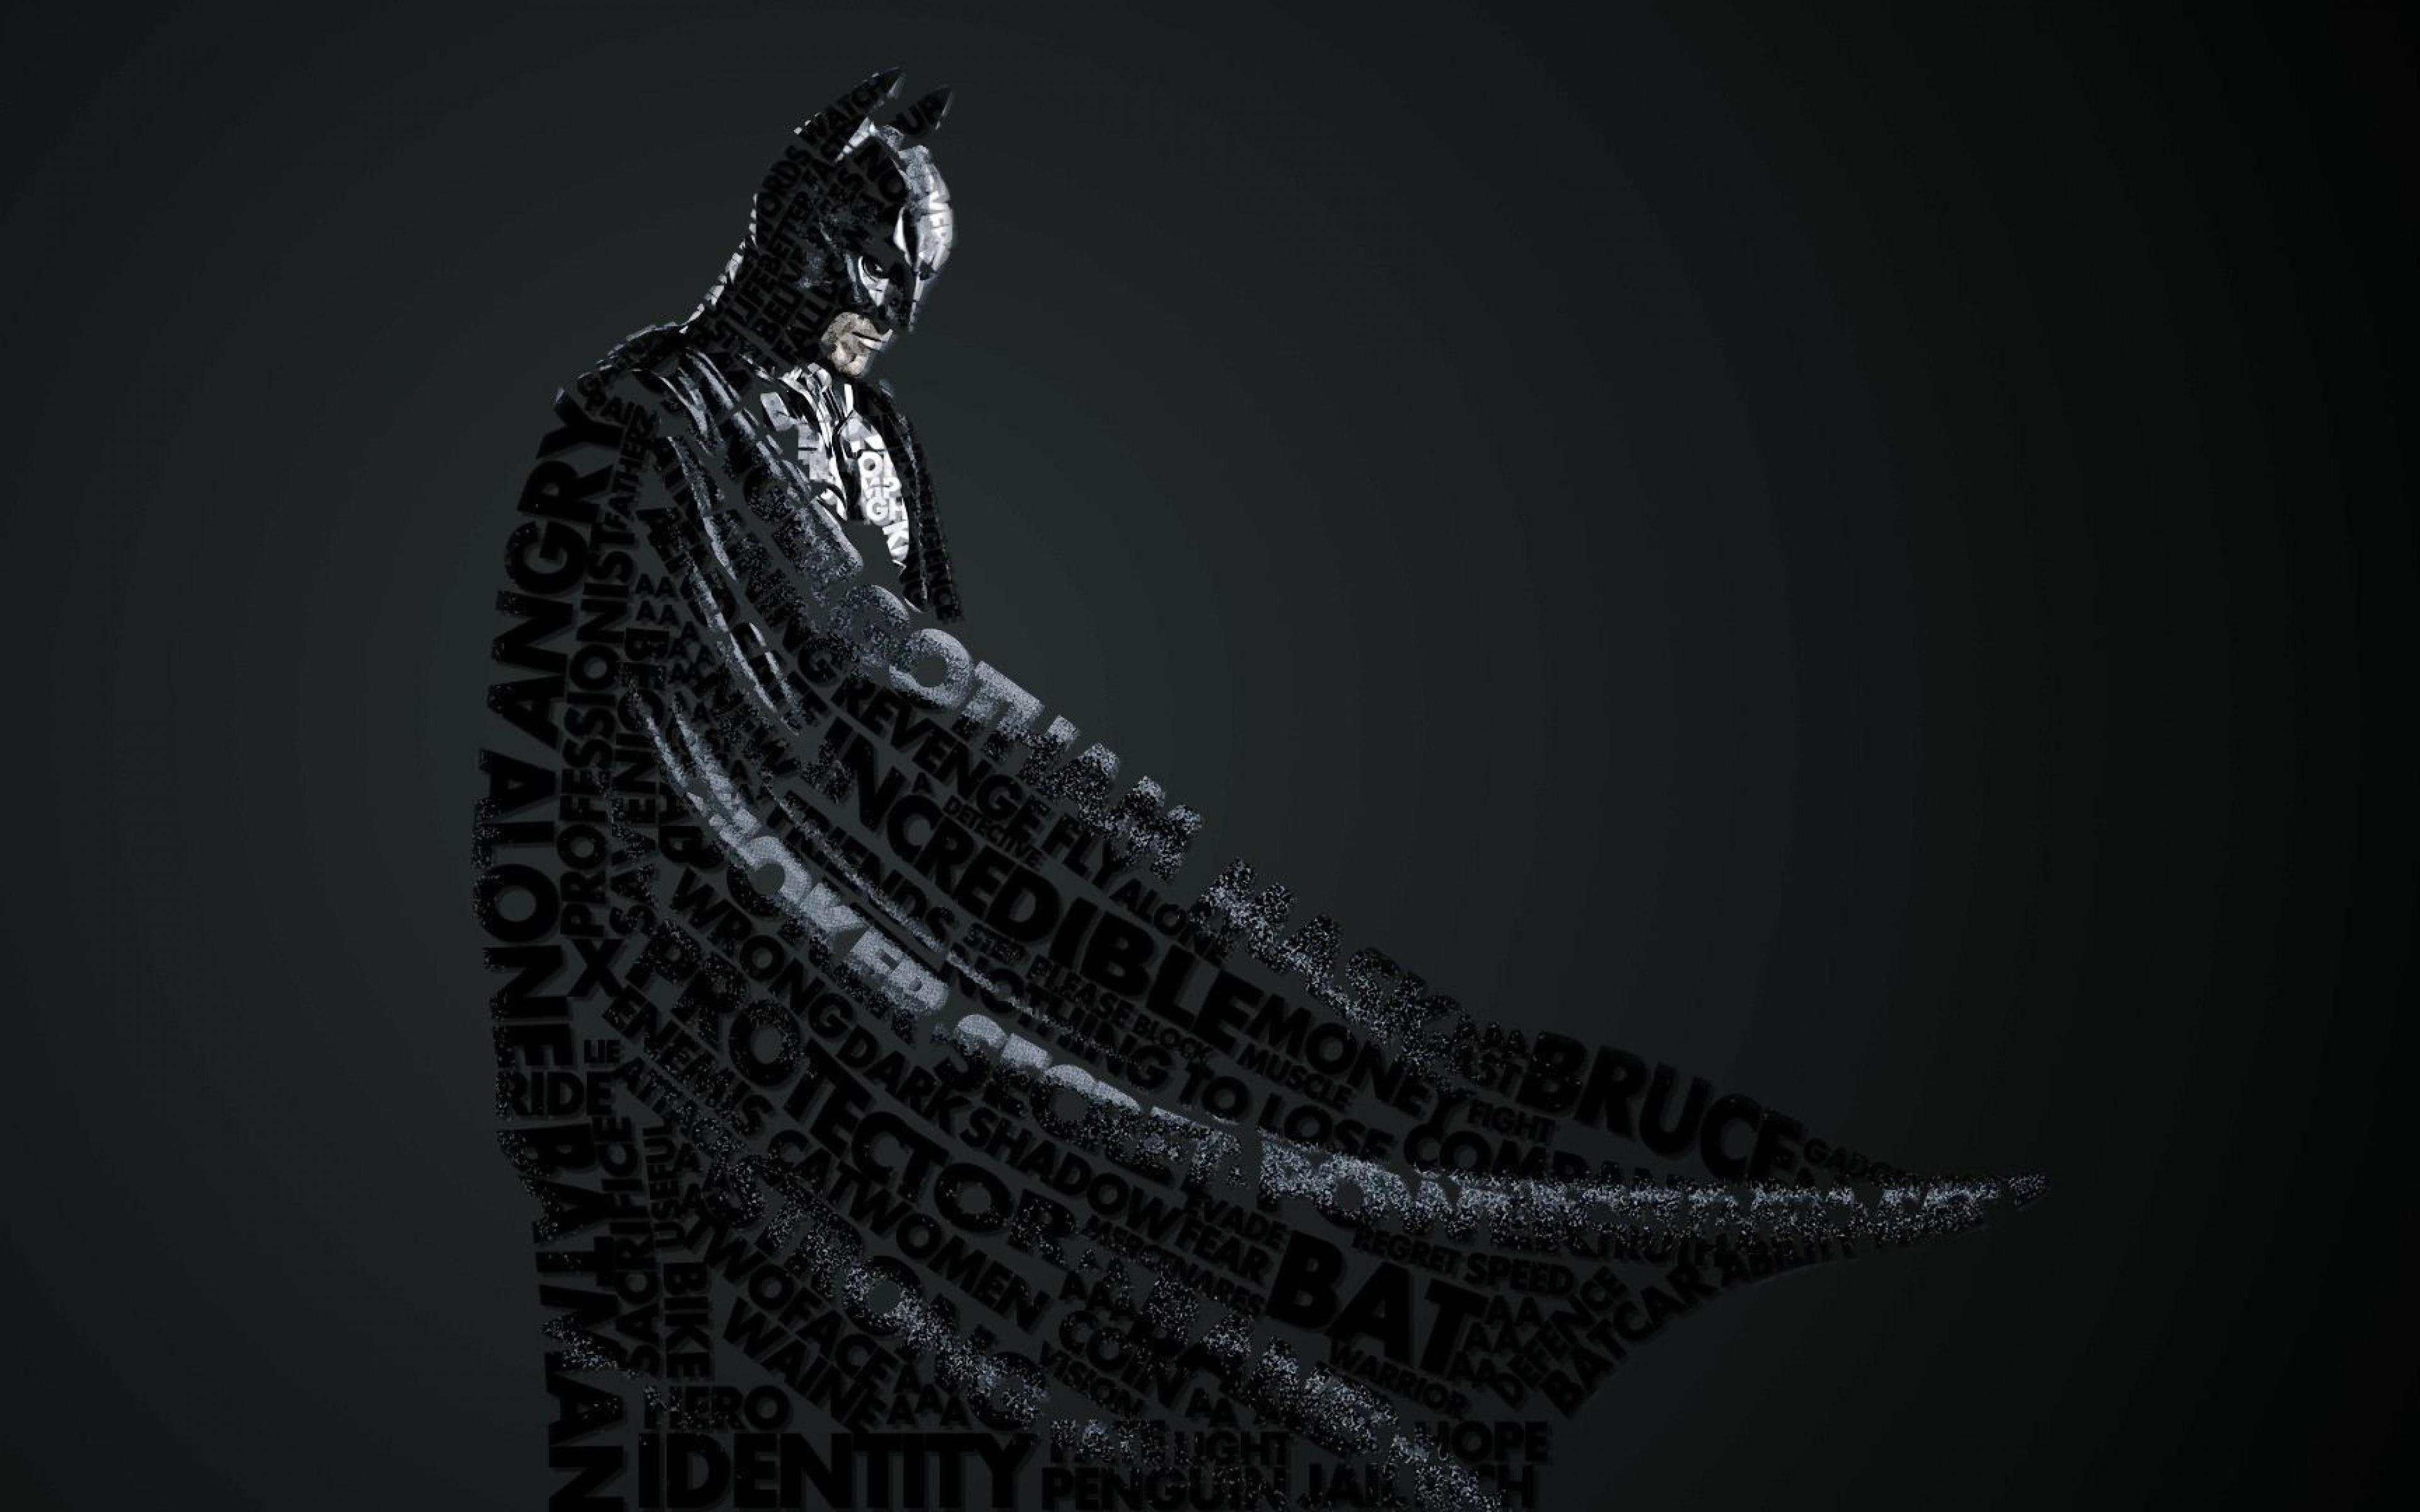 Download Wallpaper 3840x2400 batman style lettering Ultra HD 4K HD 3840x2400